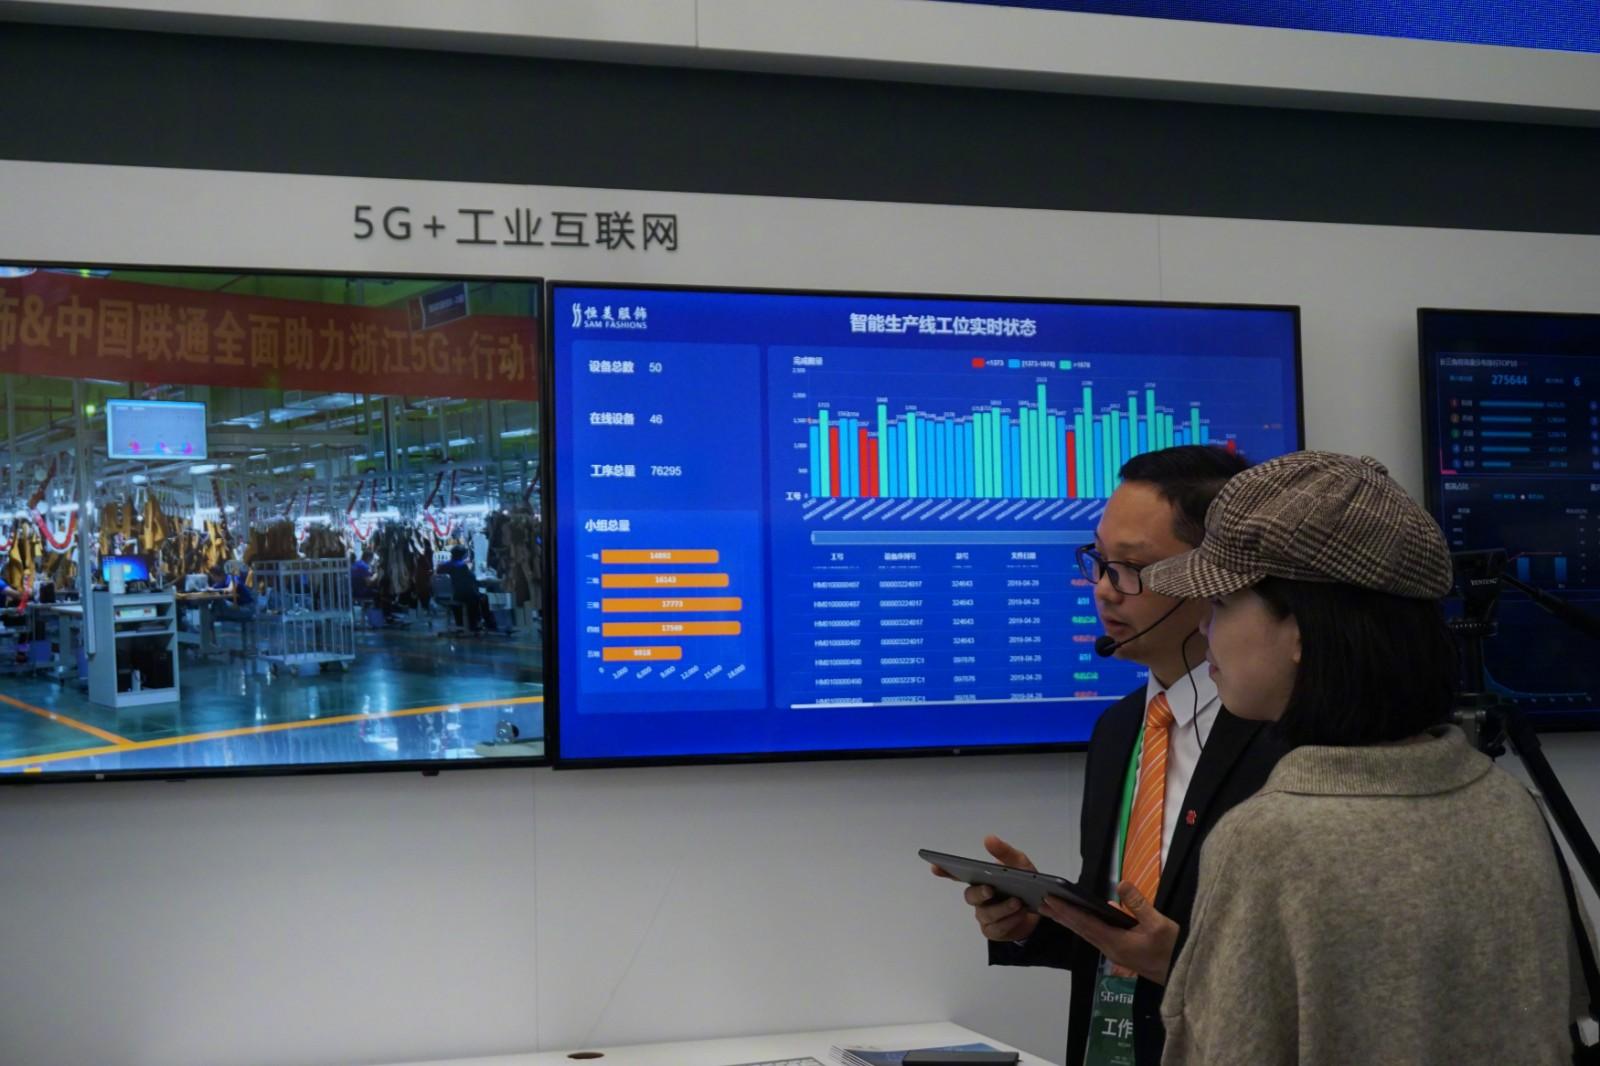 八大5G行业应用场景,犀牛云·解决方案为您解析,拥抱5G时代